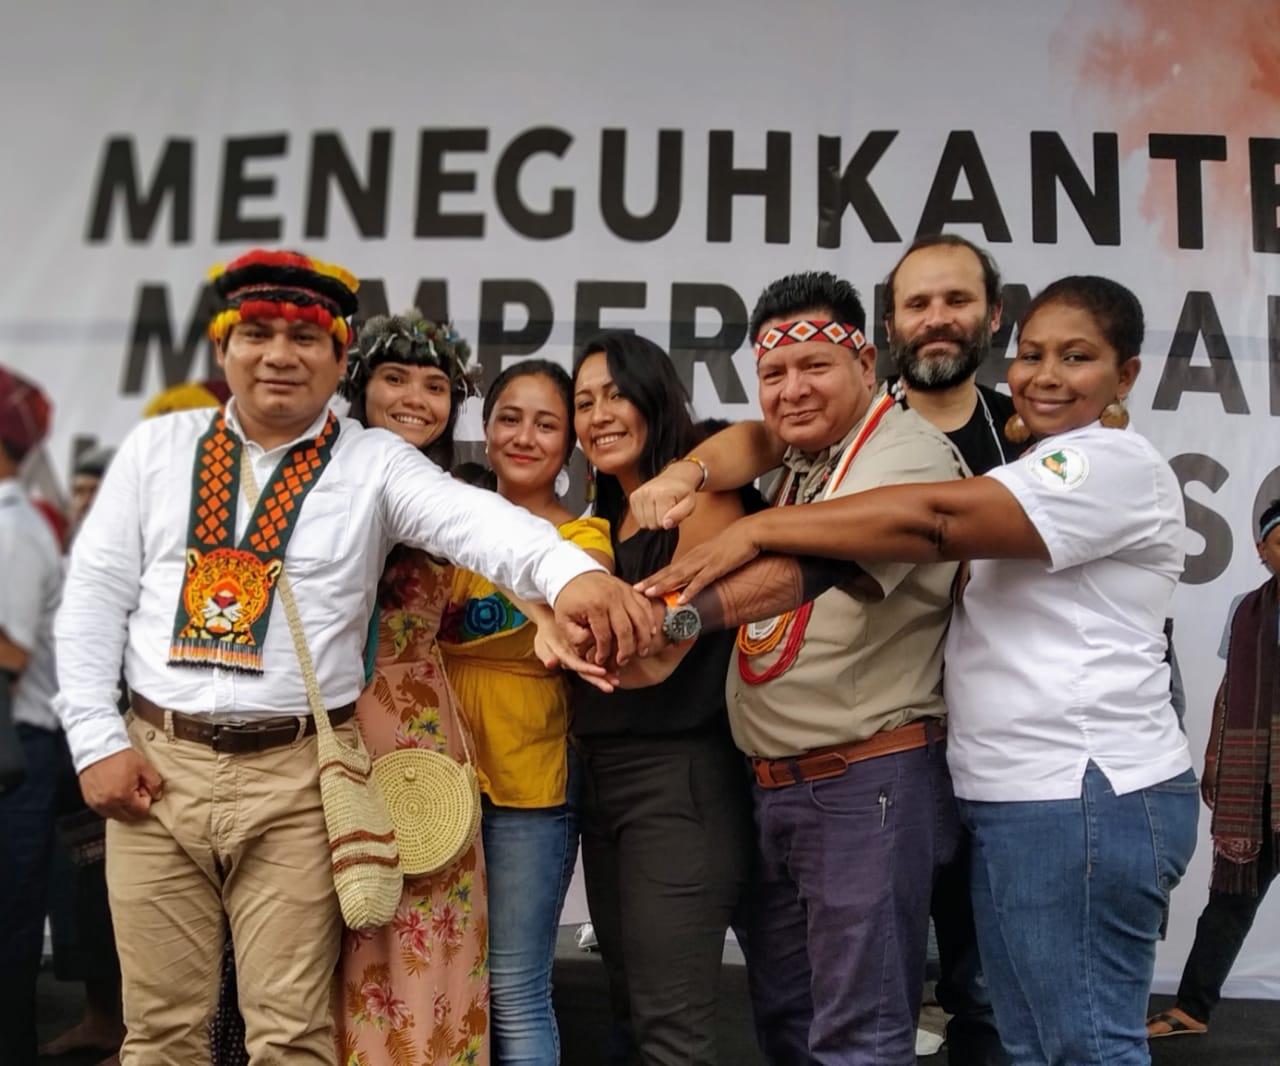 Delegados y delegadas latinoamericanos participan en Jakarta, Indonesia, de los eventos de conmemoración del vigésimo aniversario de la Alianza de Pueblos Indígenas del Archipiélago, AMAN, de Indonesia.